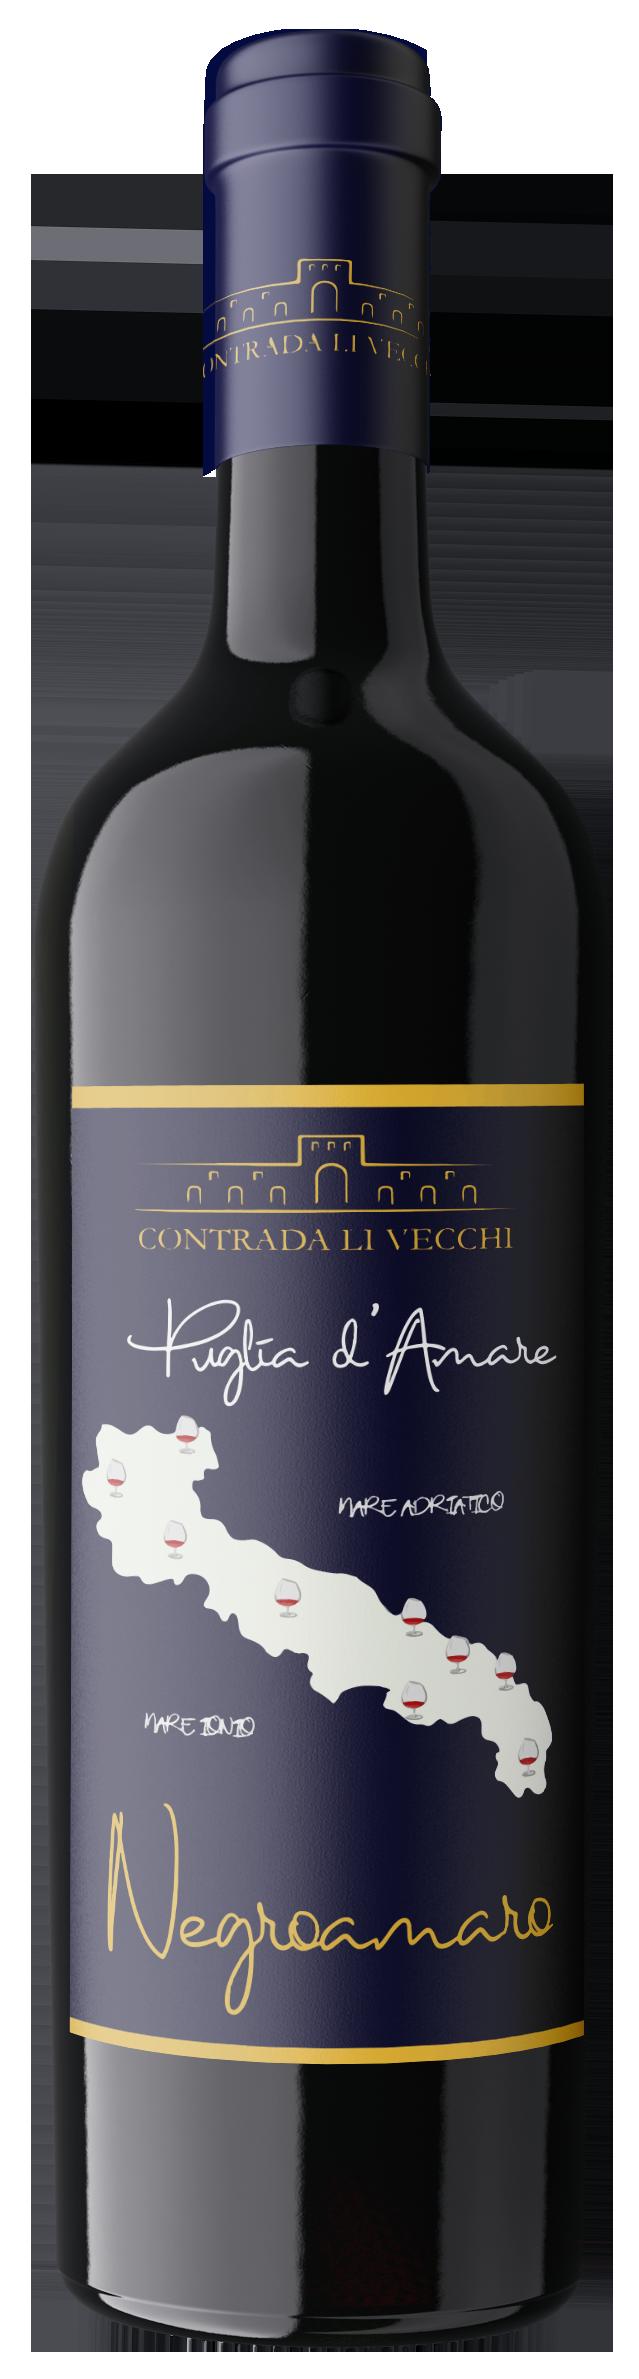 Puglia d'Amare - Negroamaro IGT - Contrada Li Vecchi